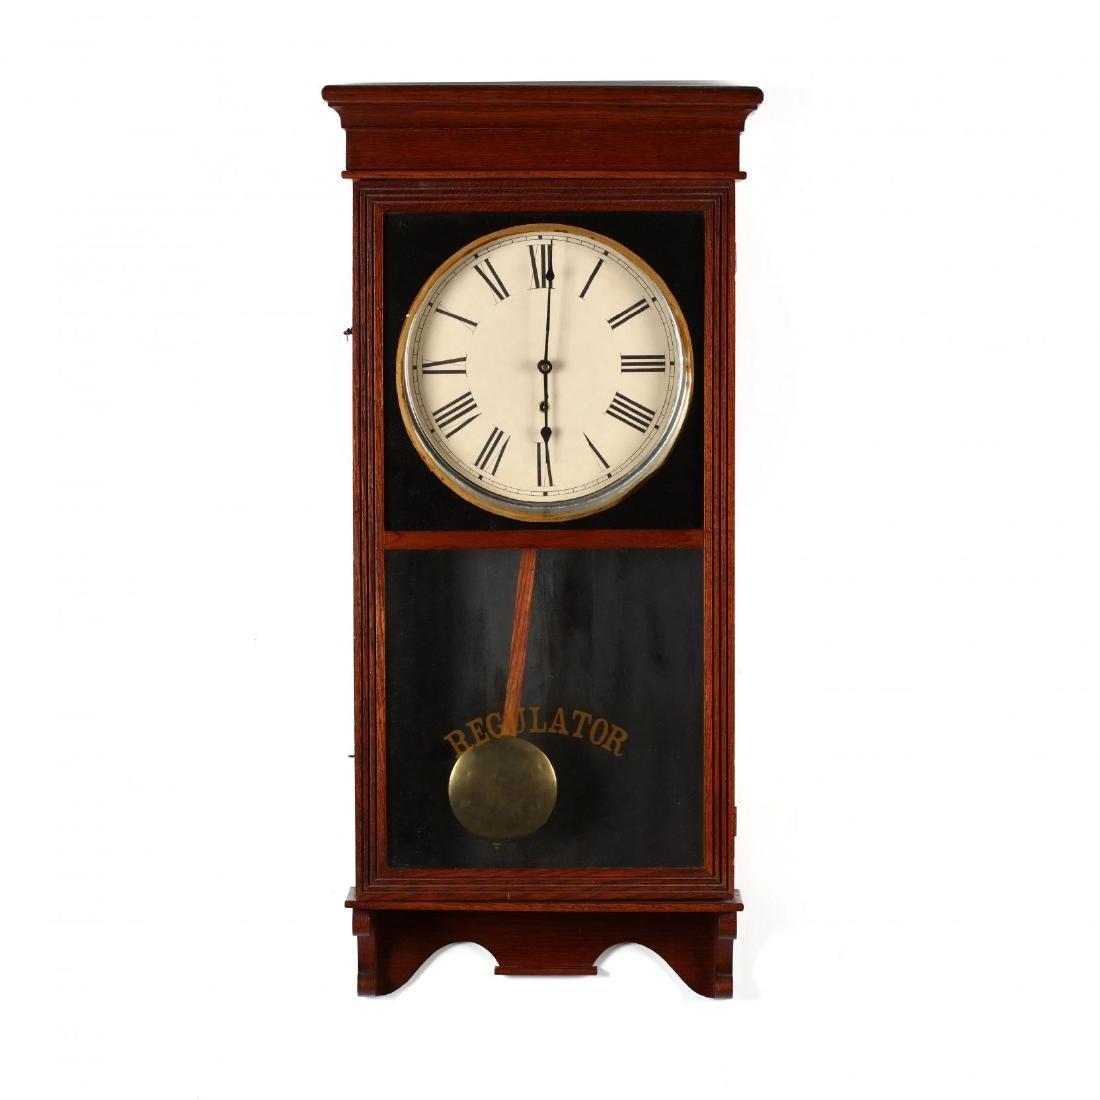 Vintage Regulator Wall Clock